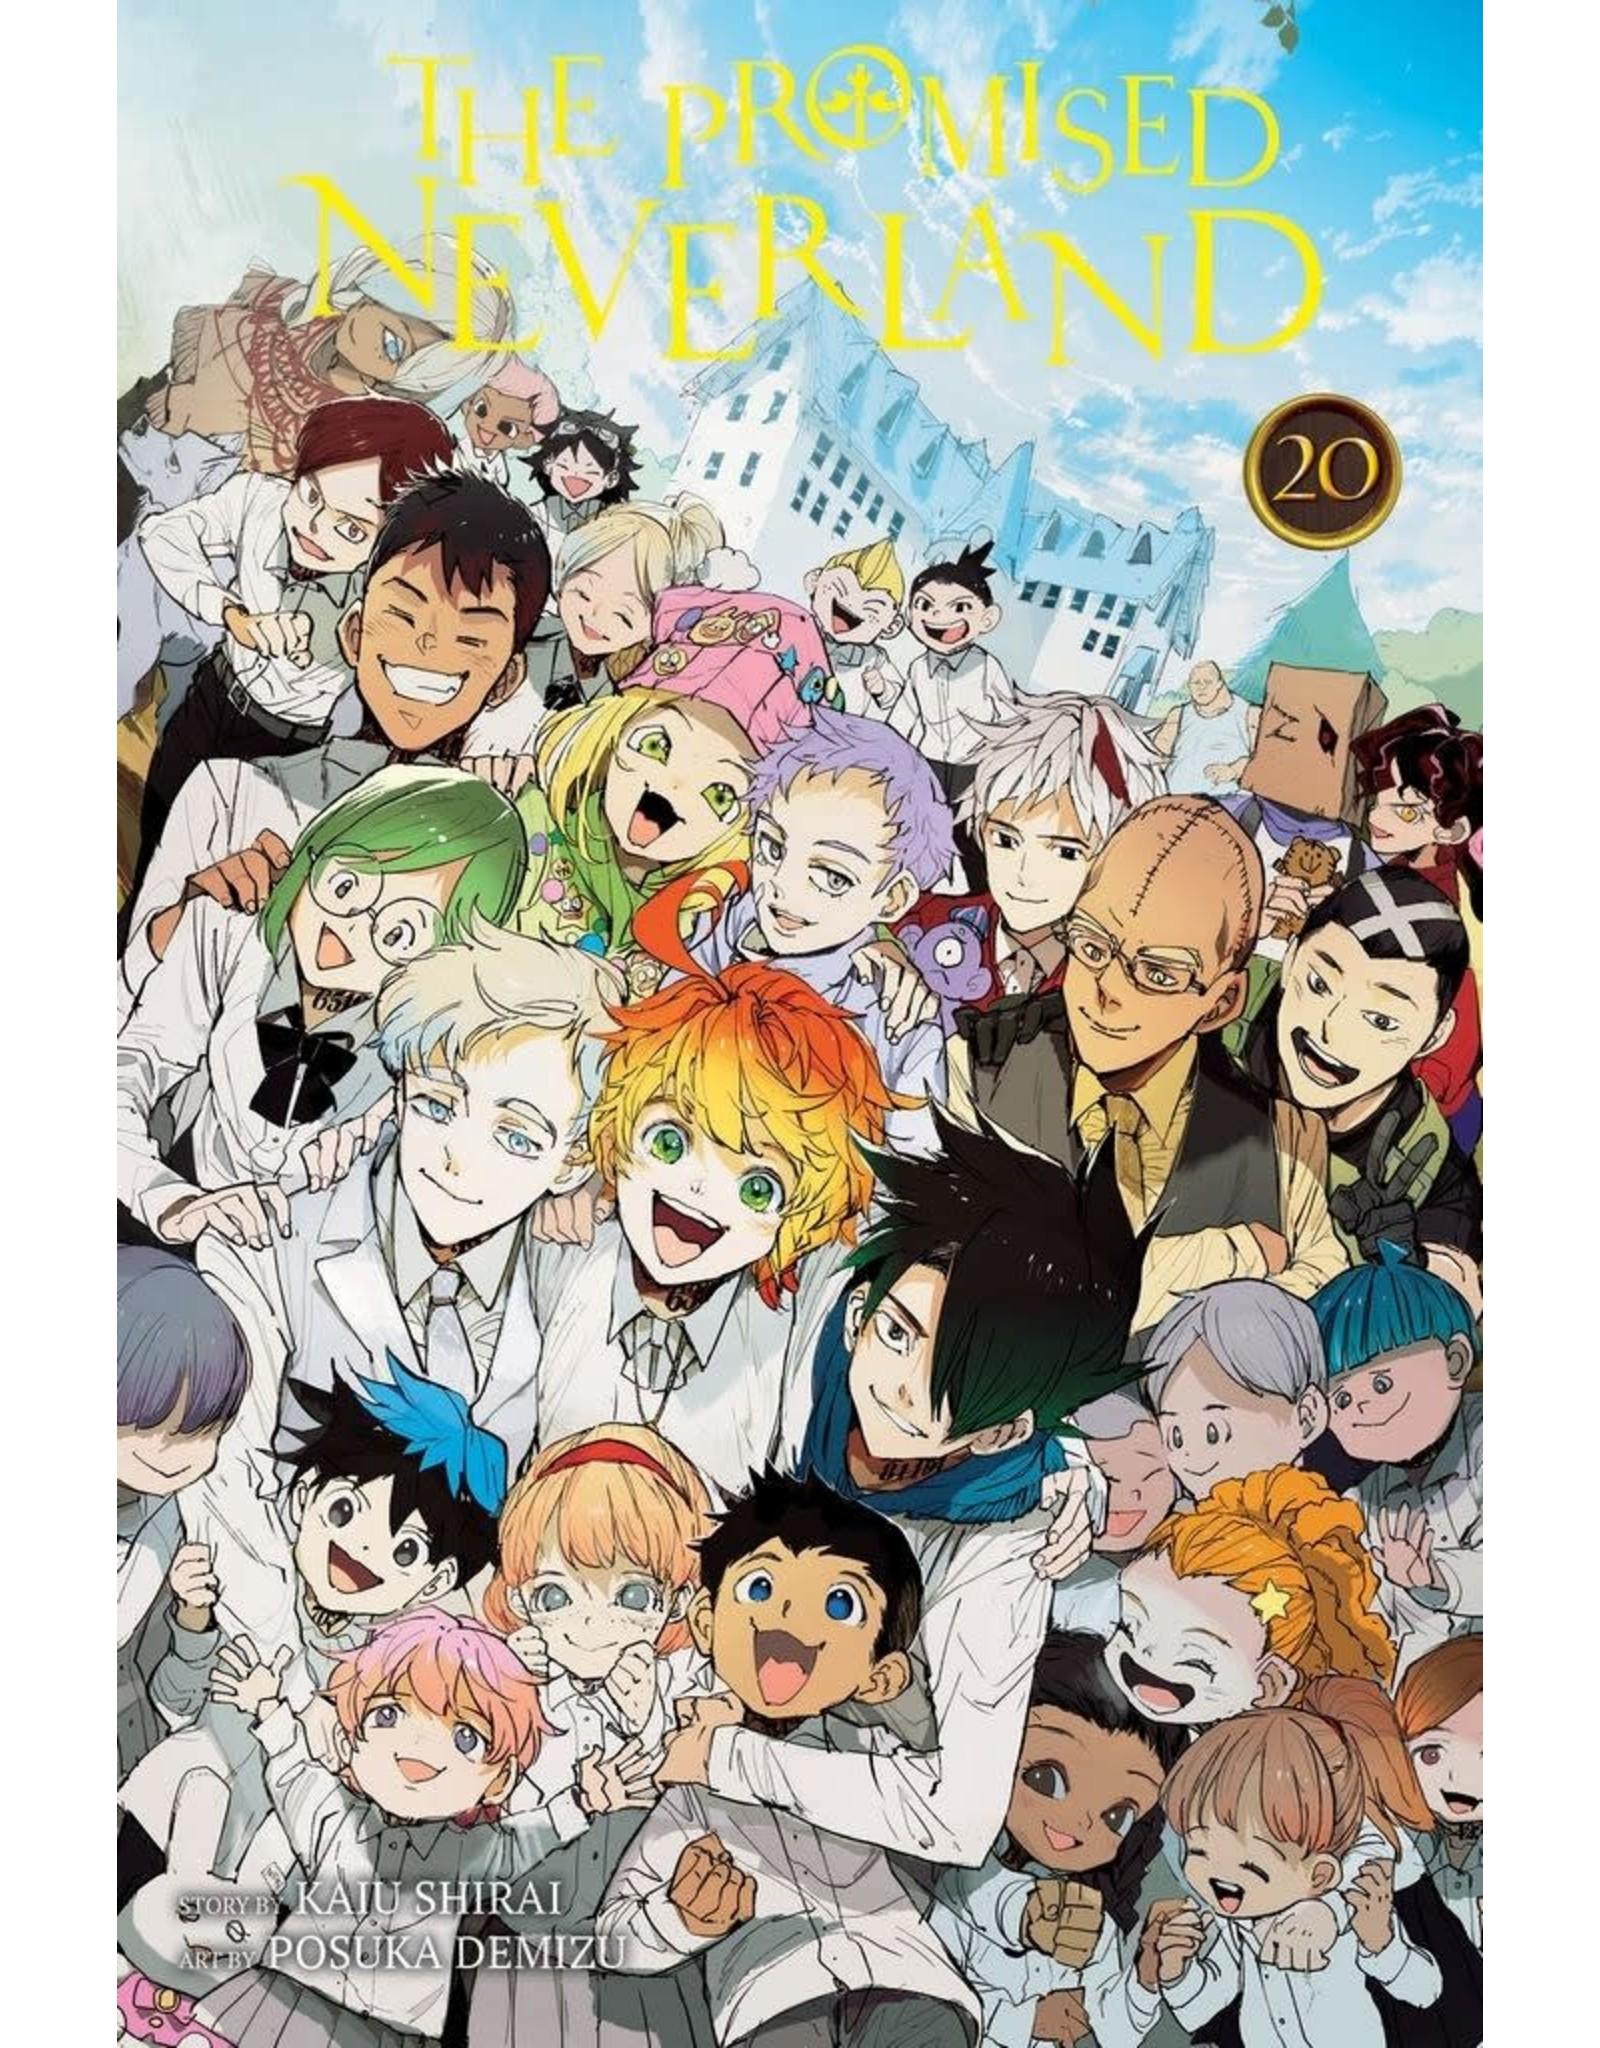 The Promised Neverland 20 (Engelstalig) - Manga